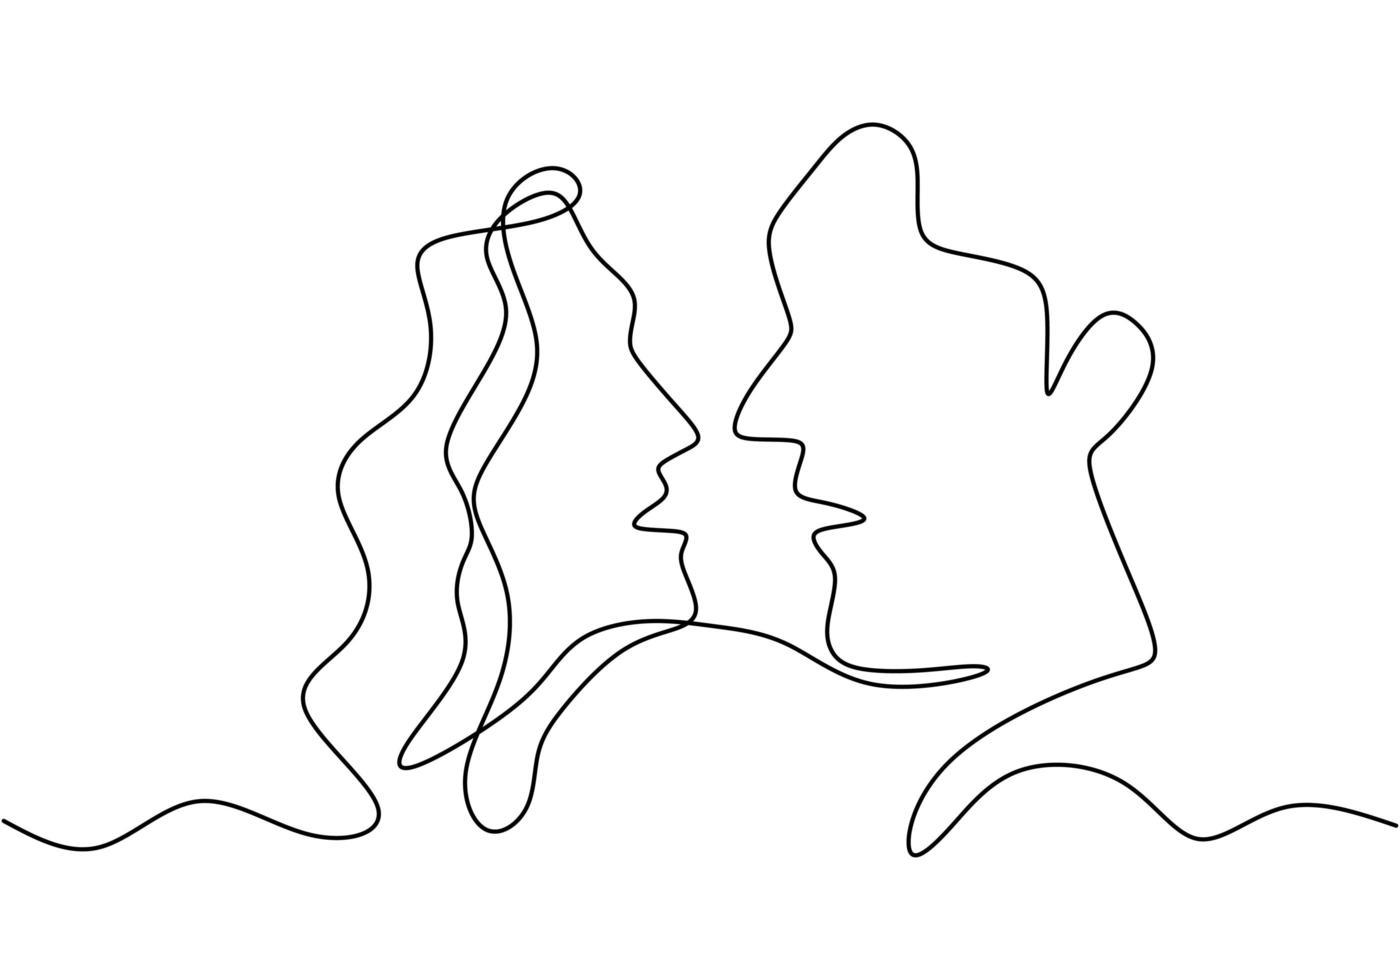 continuo un unico disegno a tratteggio del romantico bacio di due amanti. illustrazione vettoriale di schizzo disegnato a mano di minimalismo, buono per banner, poster e sfondo di San Valentino. concetto di relazione.